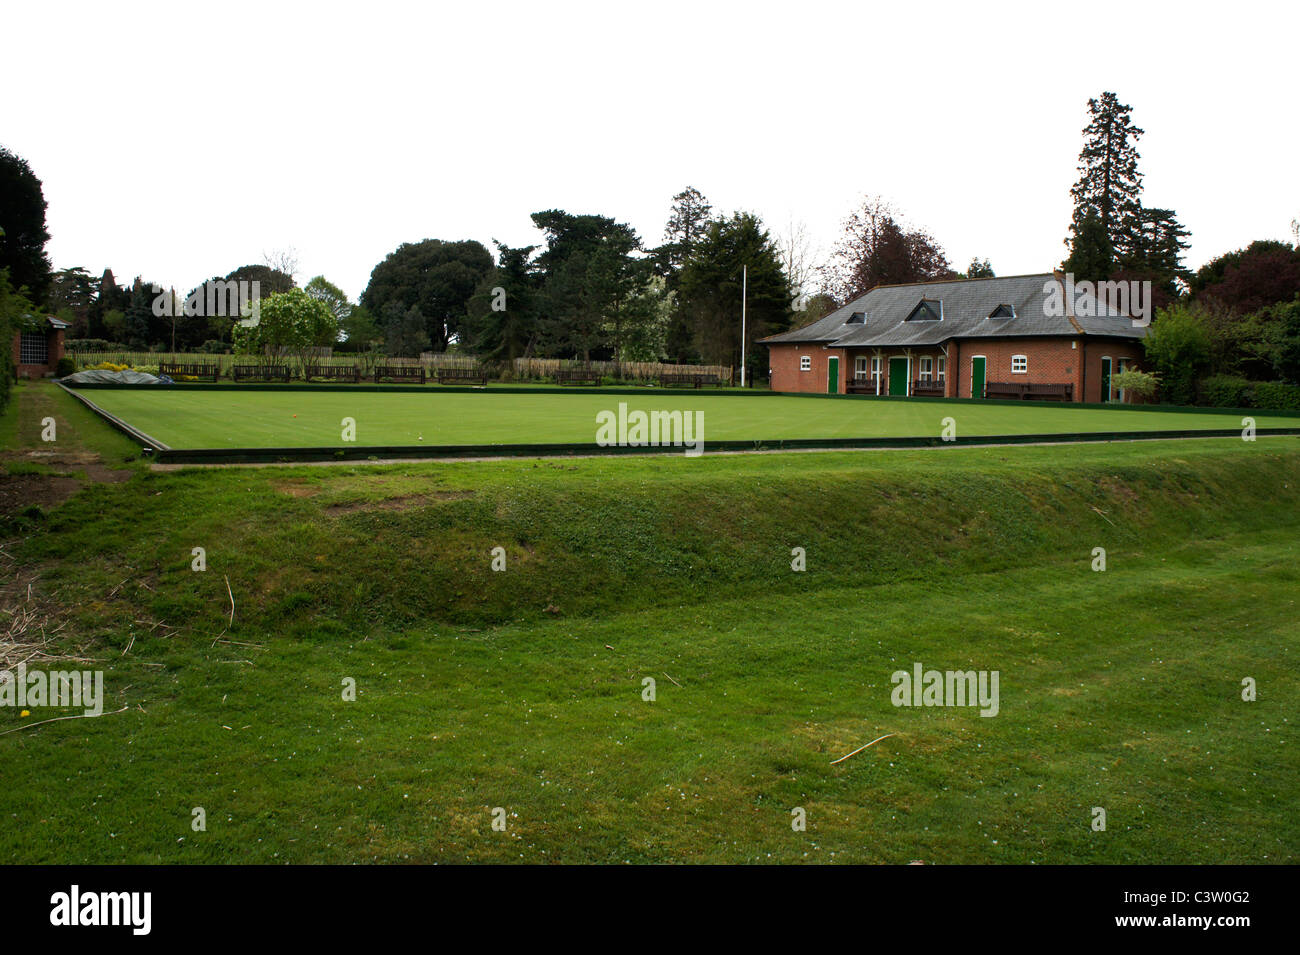 Abingdon Lawn Bowls Club, Albert Park, Abingdon - Stock Image